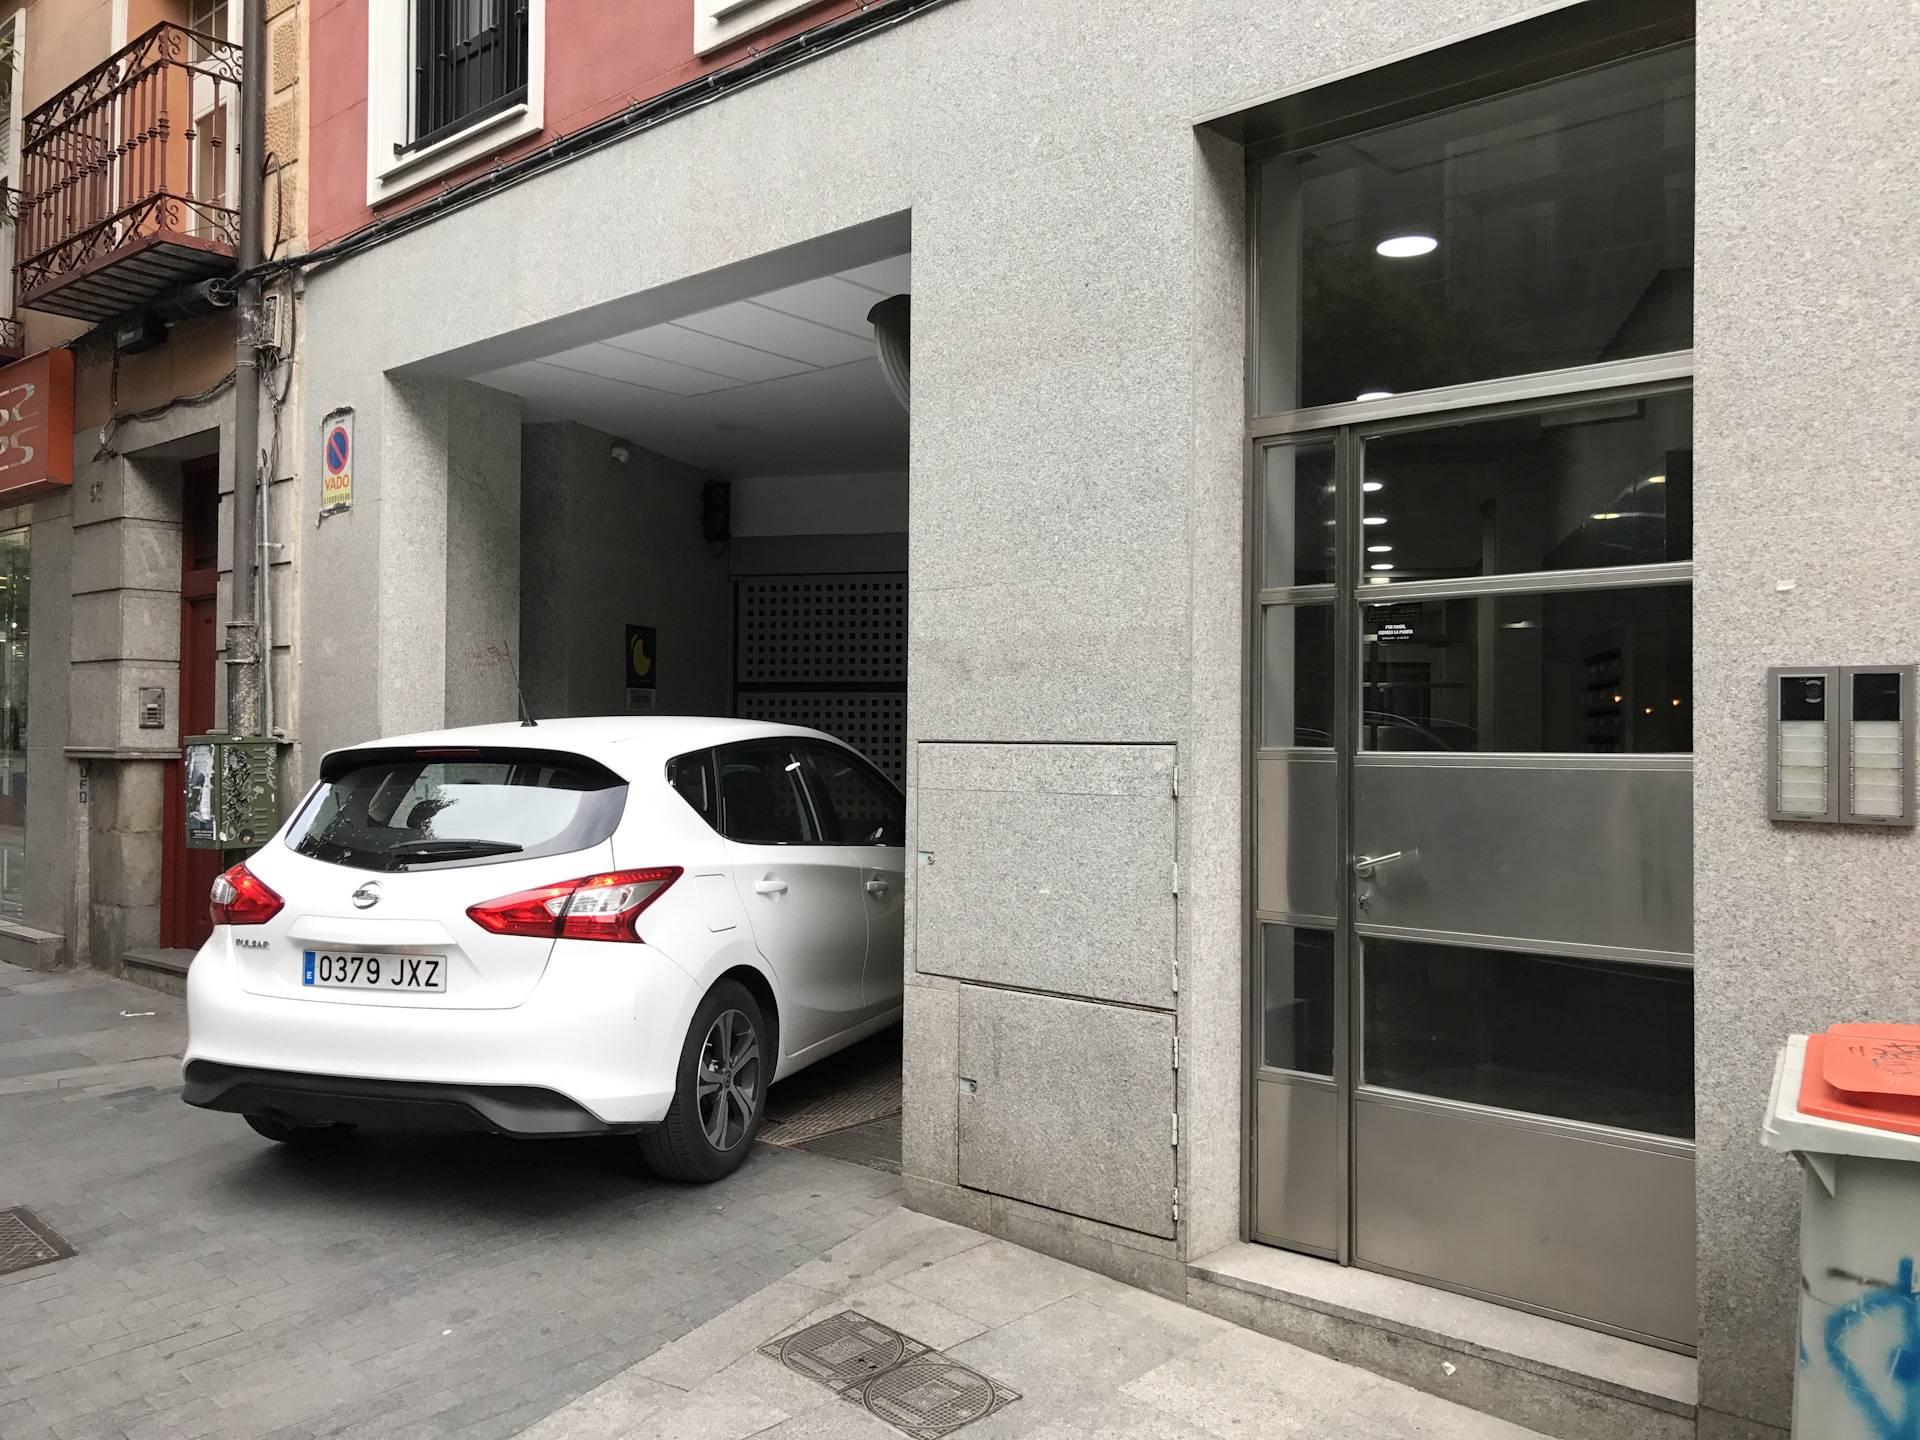 Аренда авто в мадриде, испания - советы путешественникам по прокату автомобилей